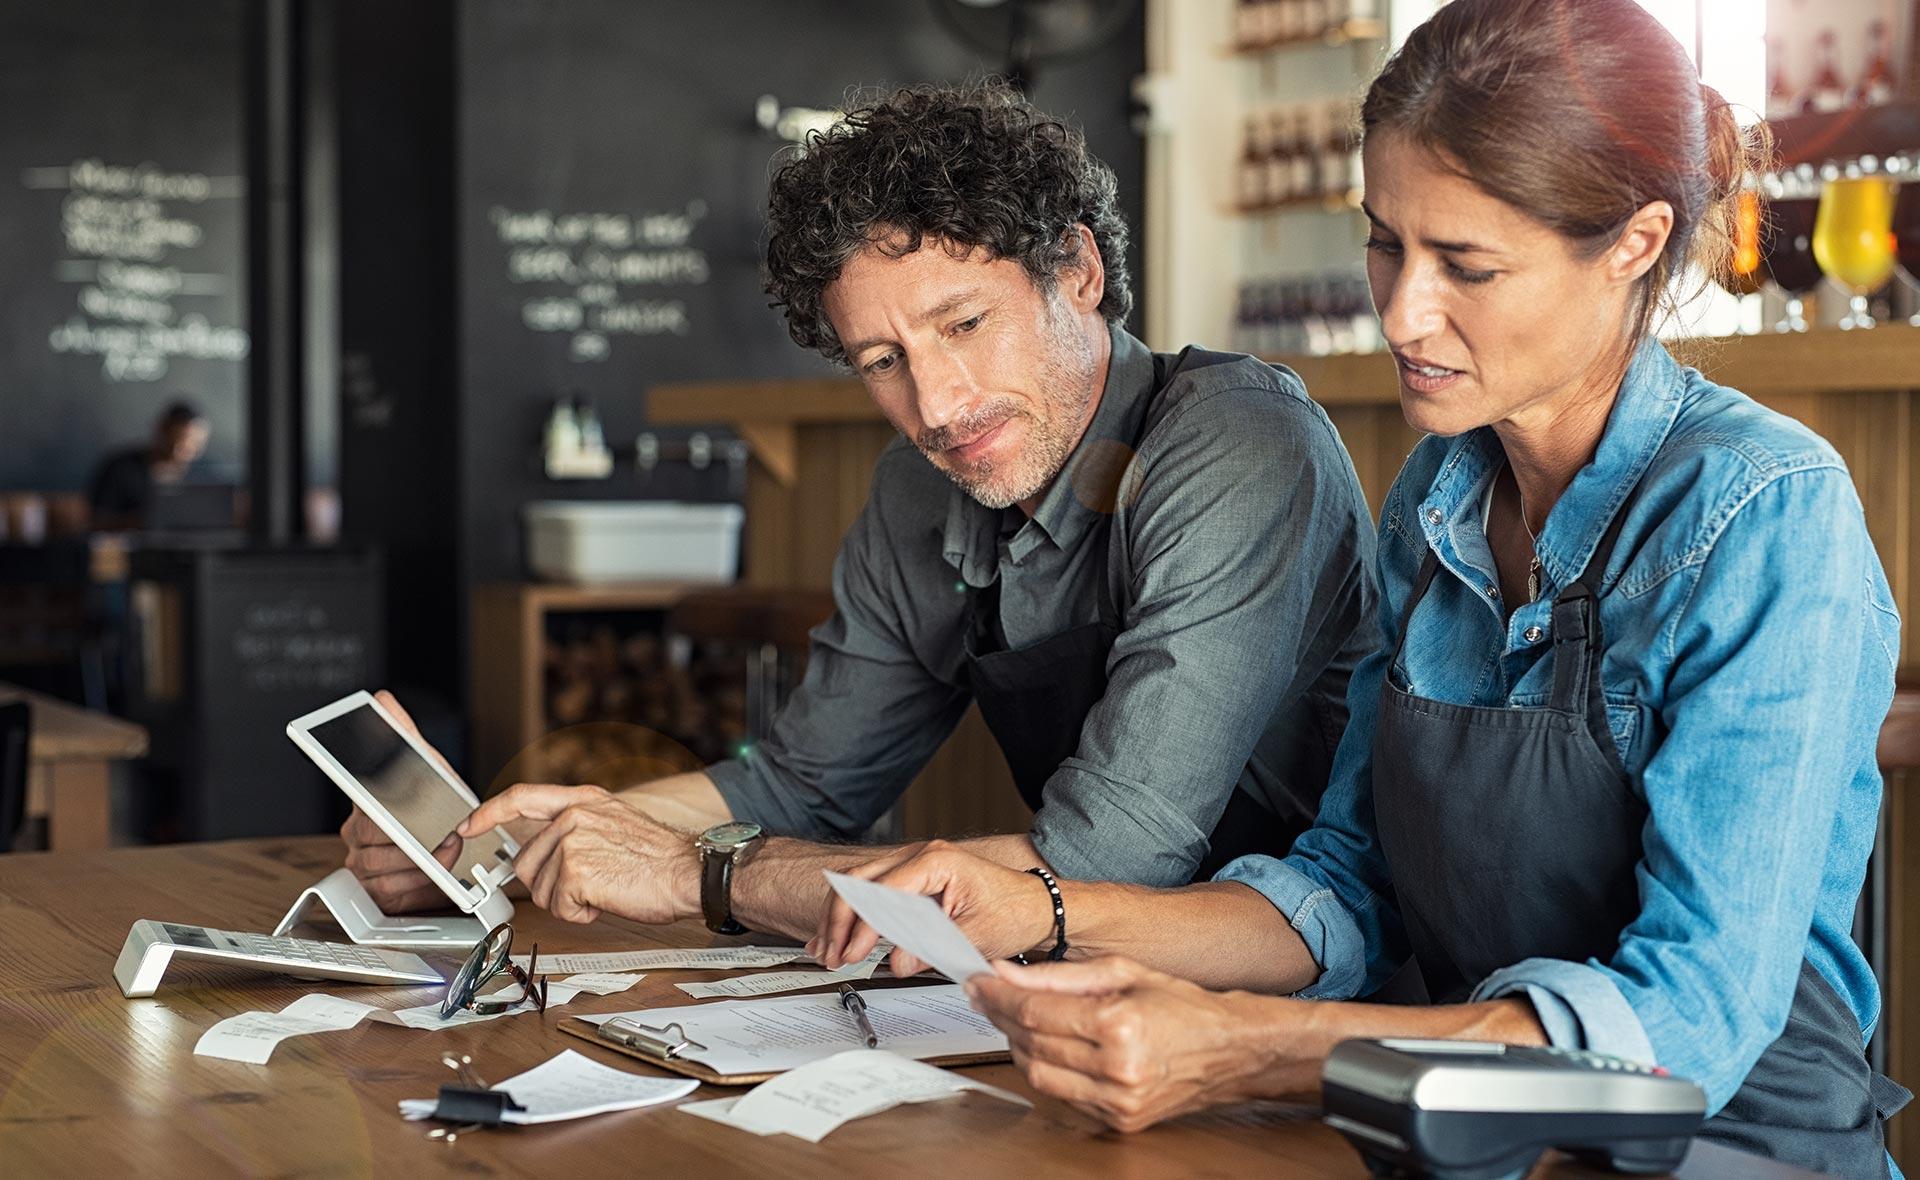 cyberseguridad_small_business-negocios-proteccion-peligros-ciberataques-internet-robo-identidad-digital-consejos